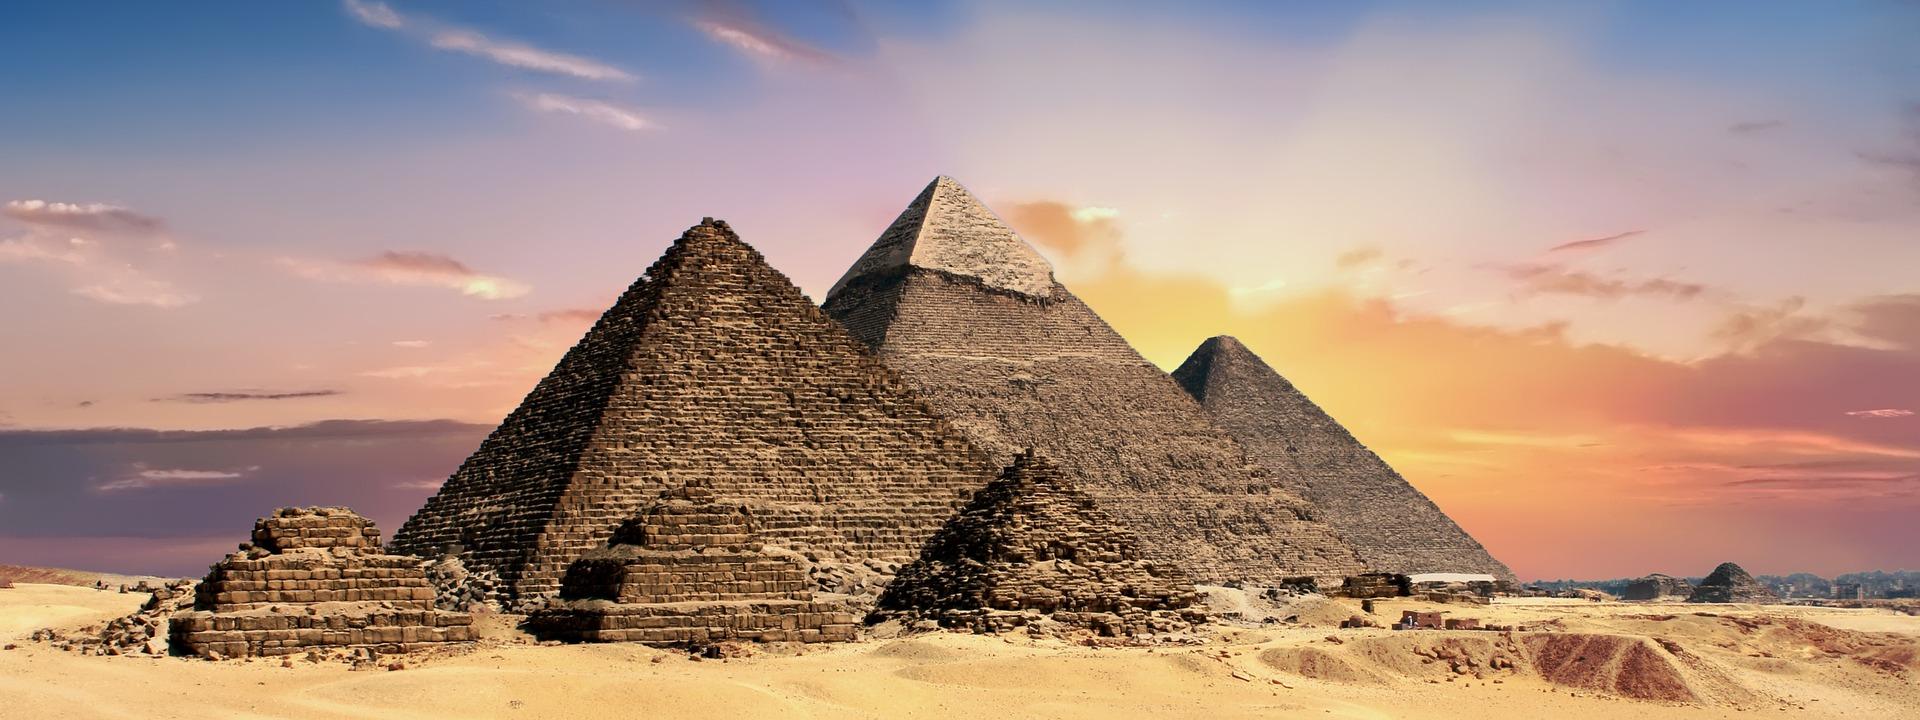 pyramidal ponzi mlm